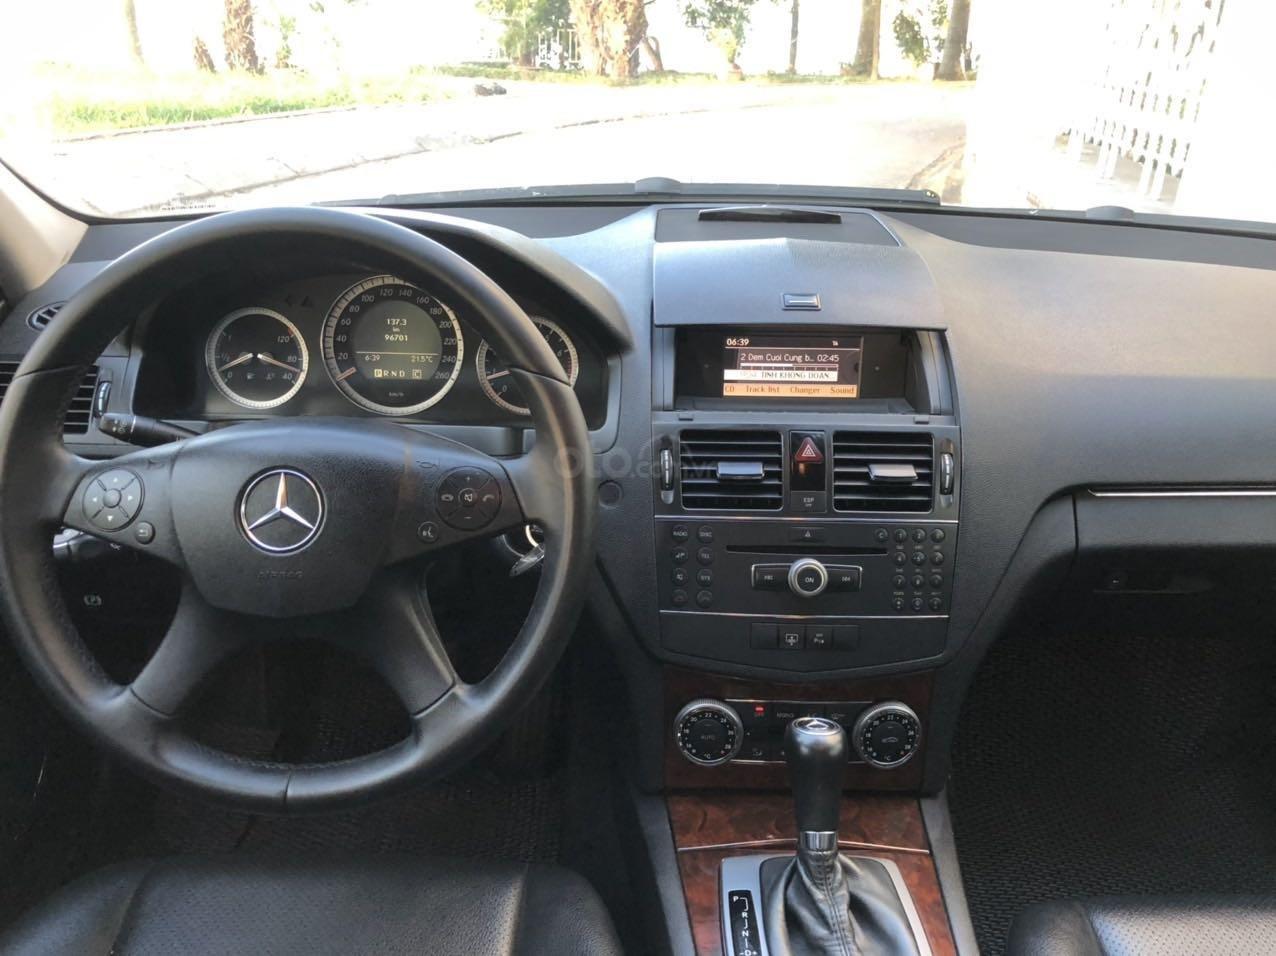 Bán xe Mercedes-Benz C class đăng ký lần đầu 2008, mới 95% giá tốt 415 triệu đồng (5)